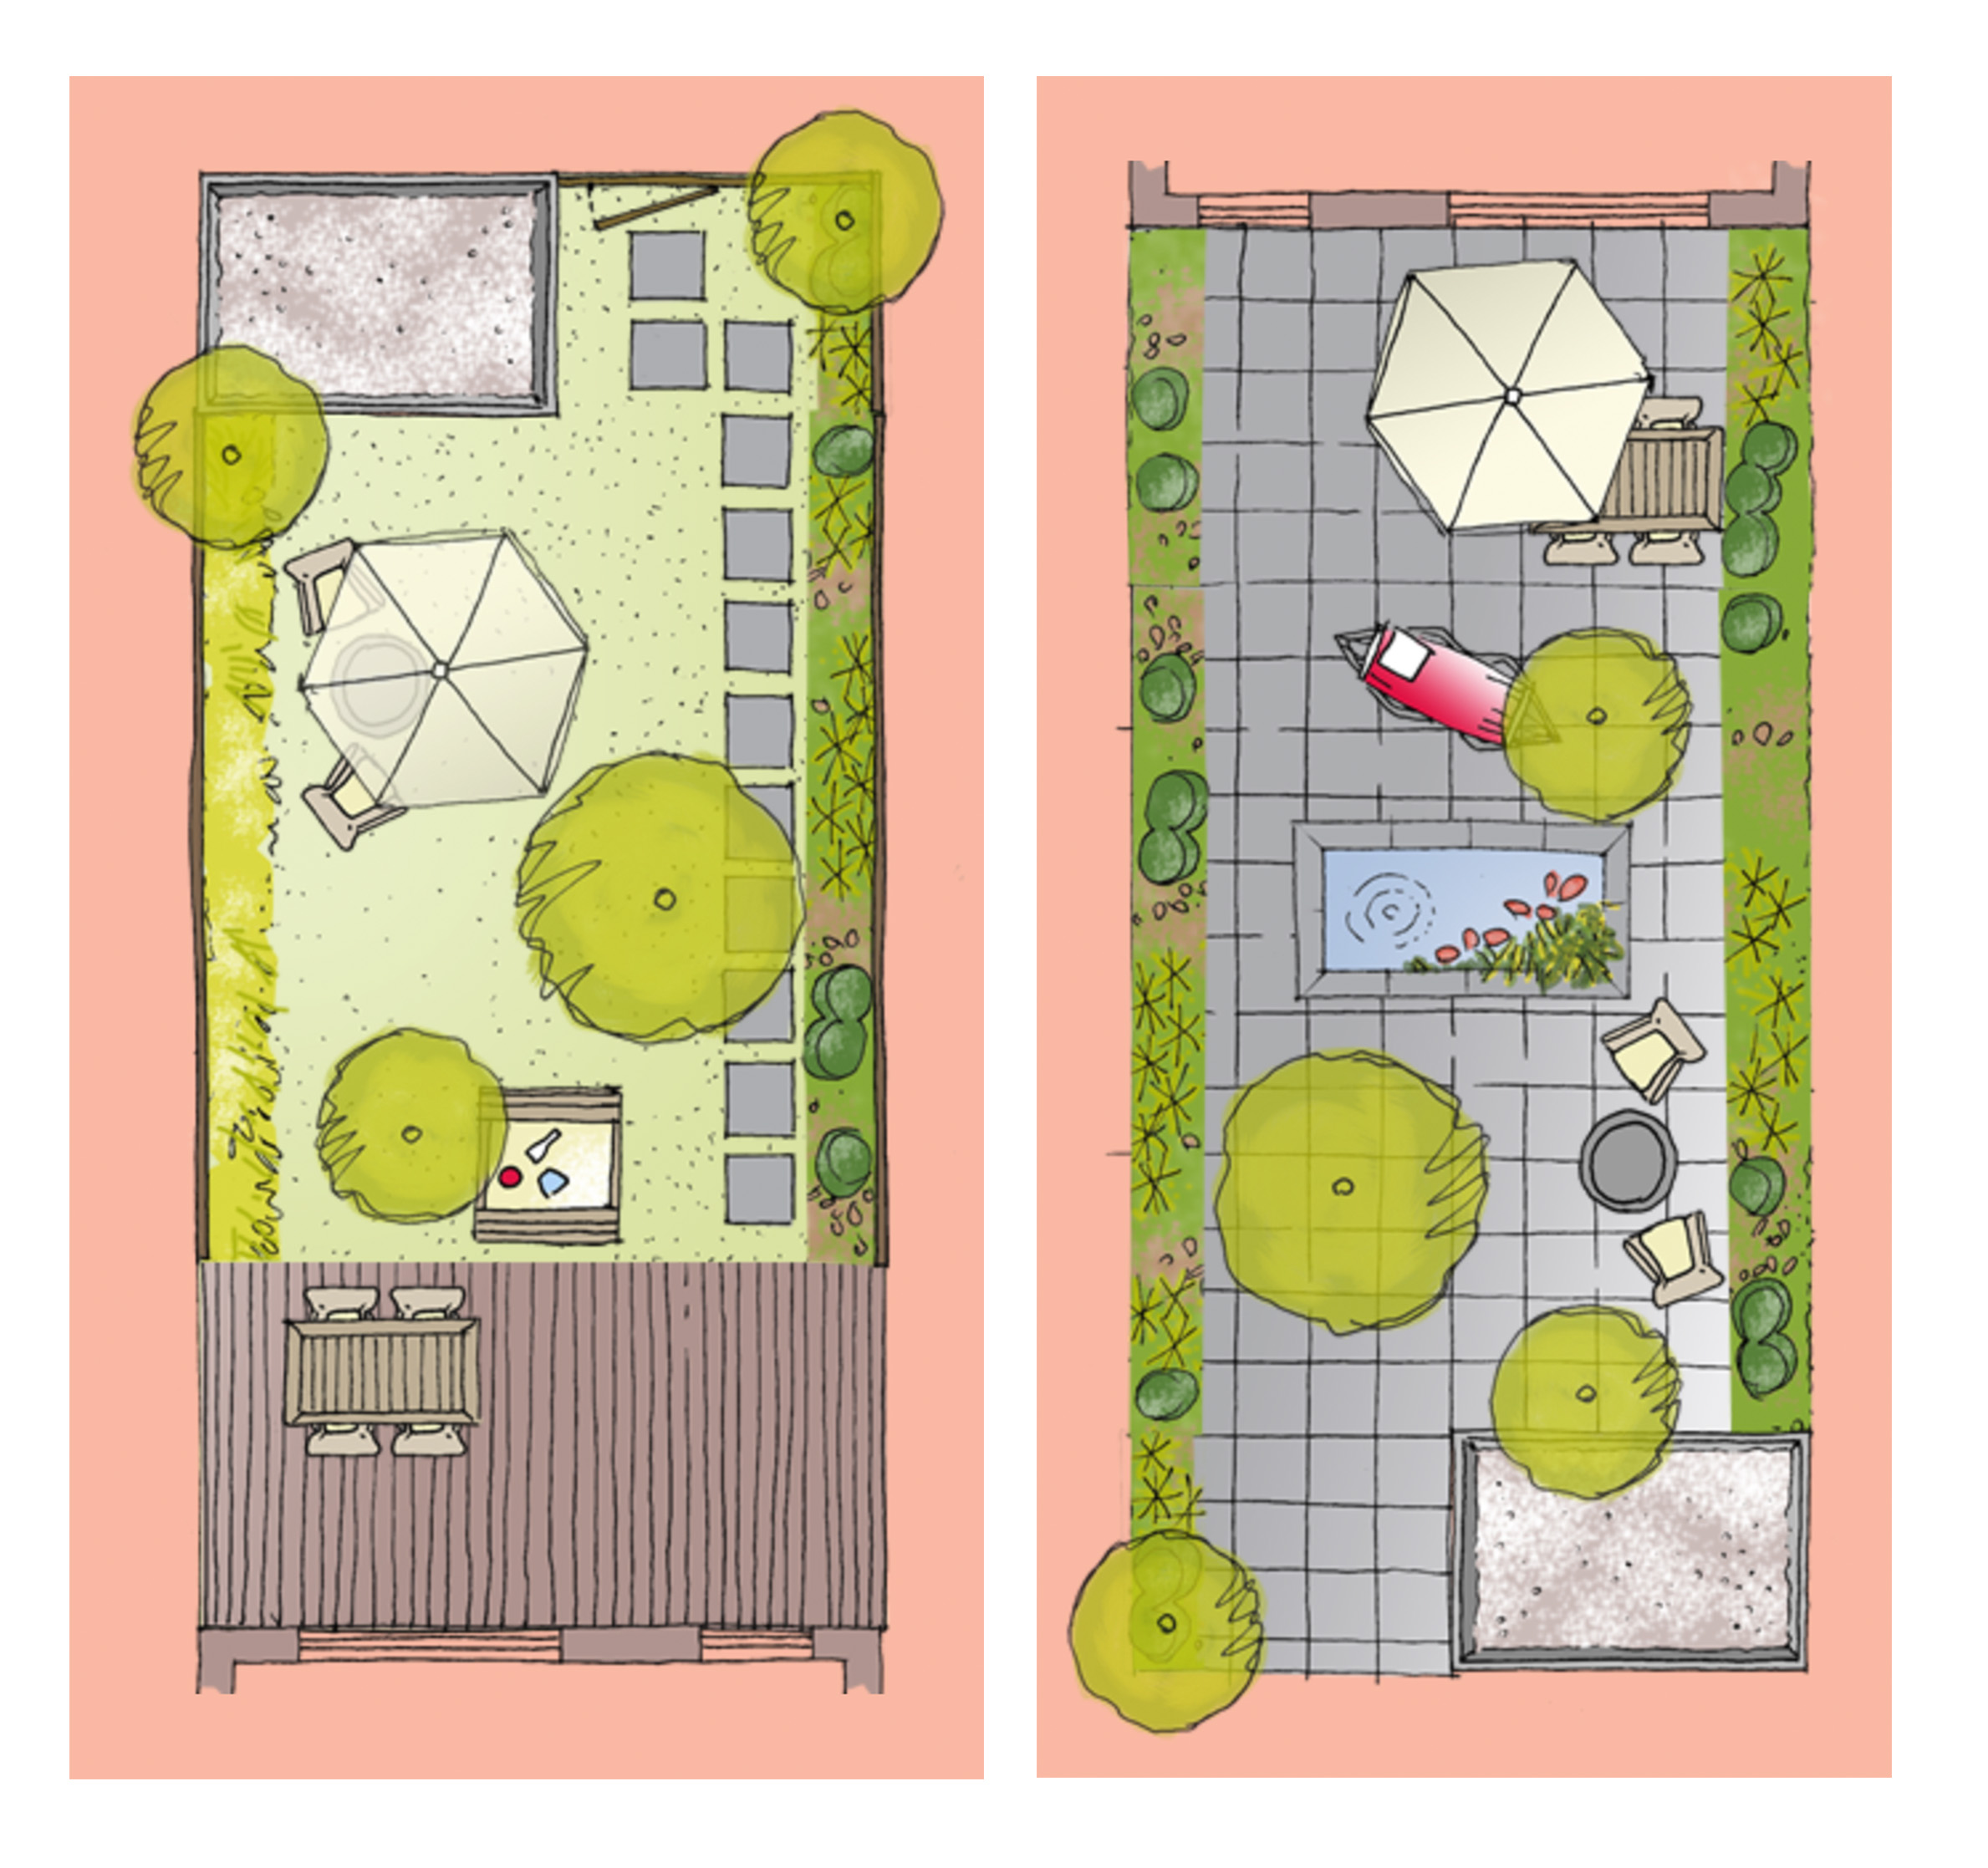 Twee voorbeelden van een digitale plattegrond (ontwerp door sevencouches)